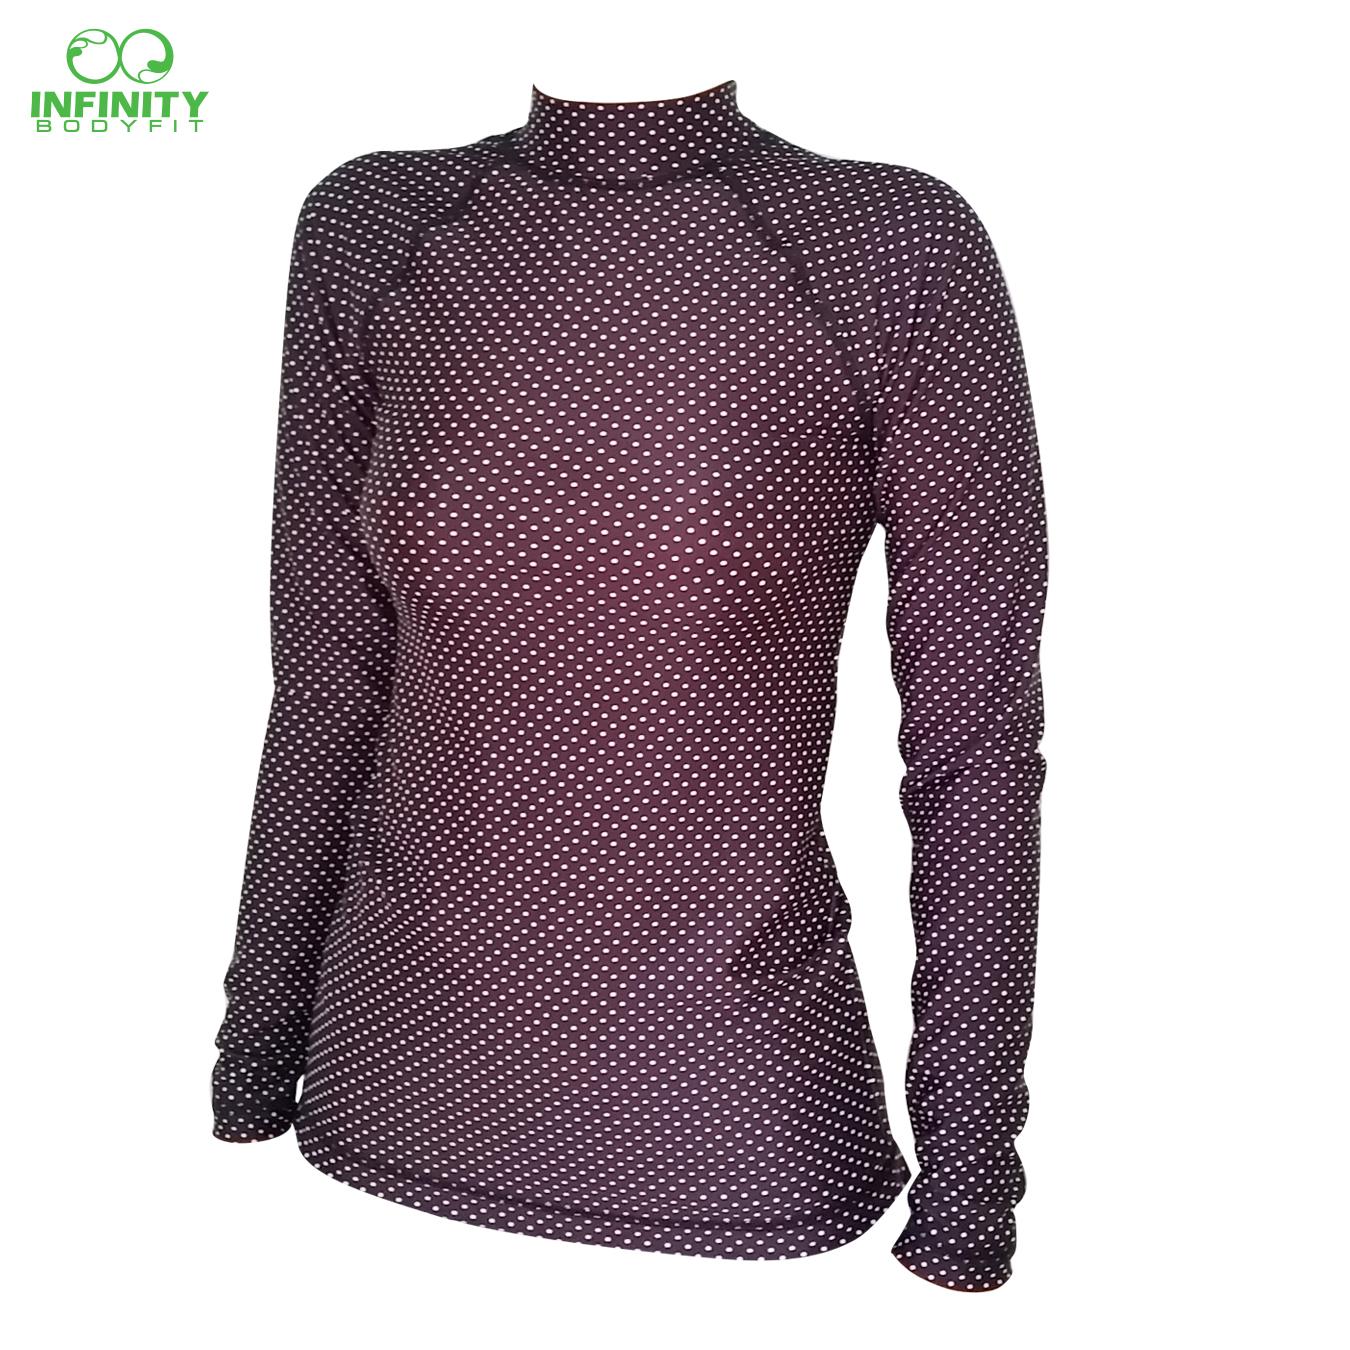 base layer ลาย pattern mini polka dot